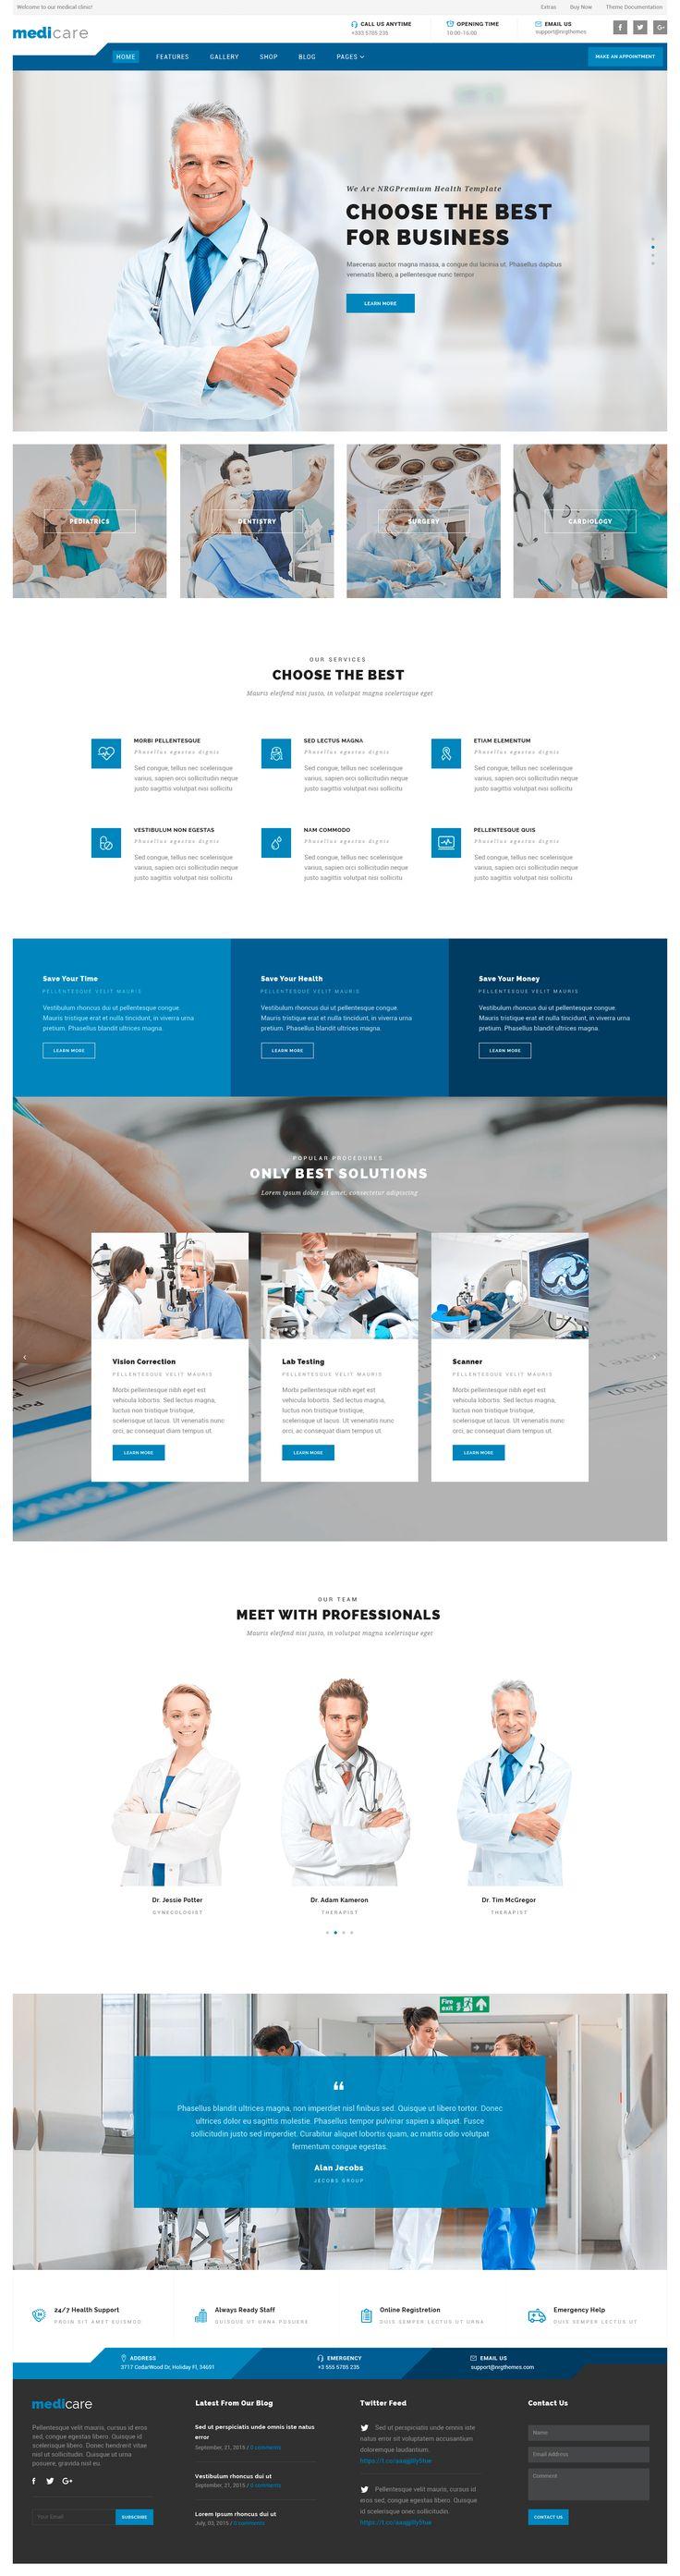 We provide medical website design and internet marketing services for physicians. Websites for doctors, medical marketing web sites, and physician website design are some services by NJ WEB SOFT http://www.njwebsoft.com